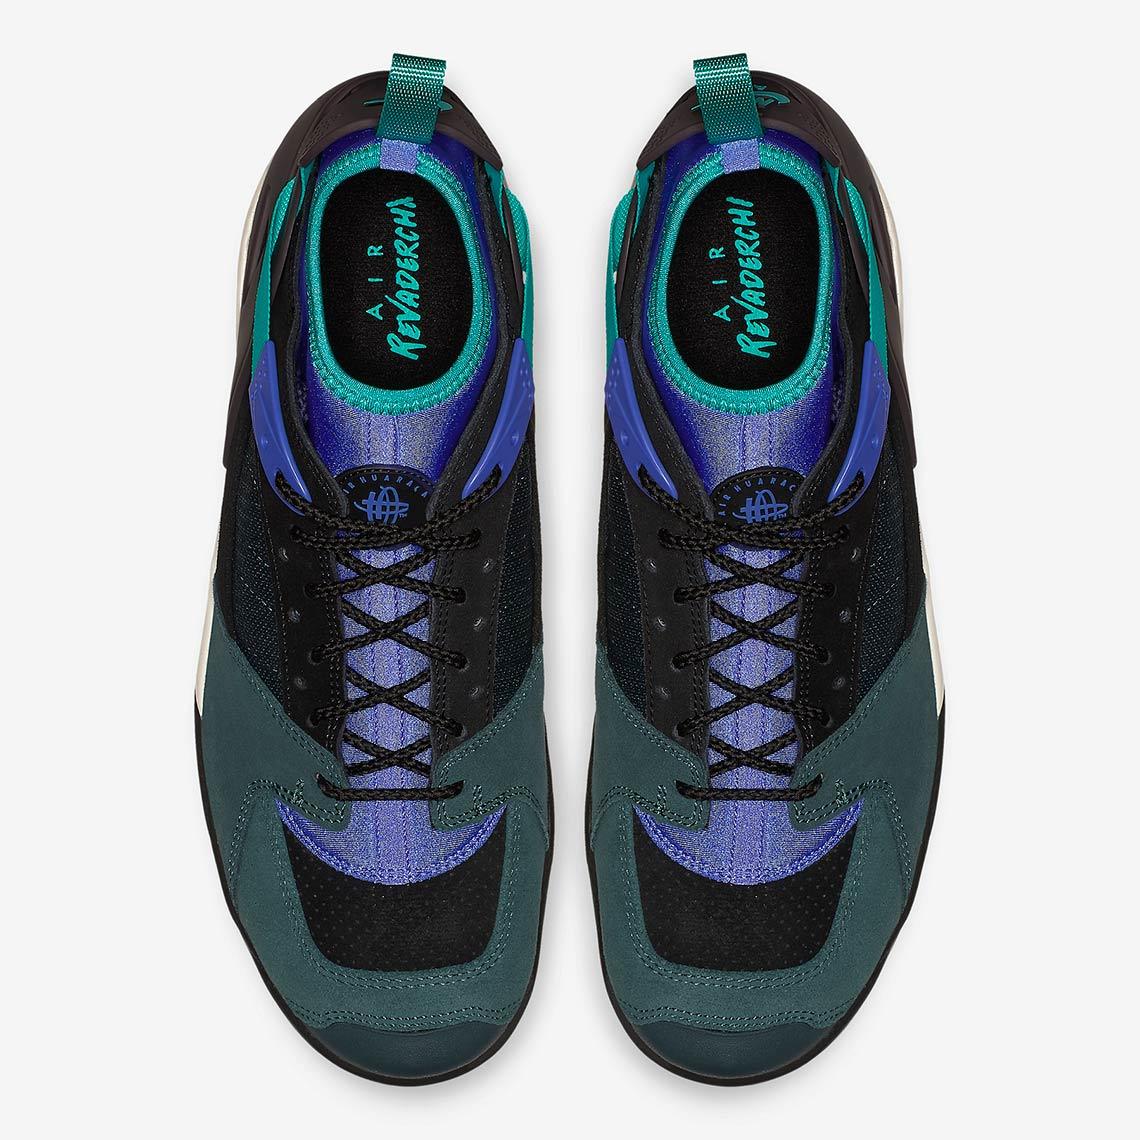 27296518911d Nike Air Revaderchi AR0479-003 + AR0479-004